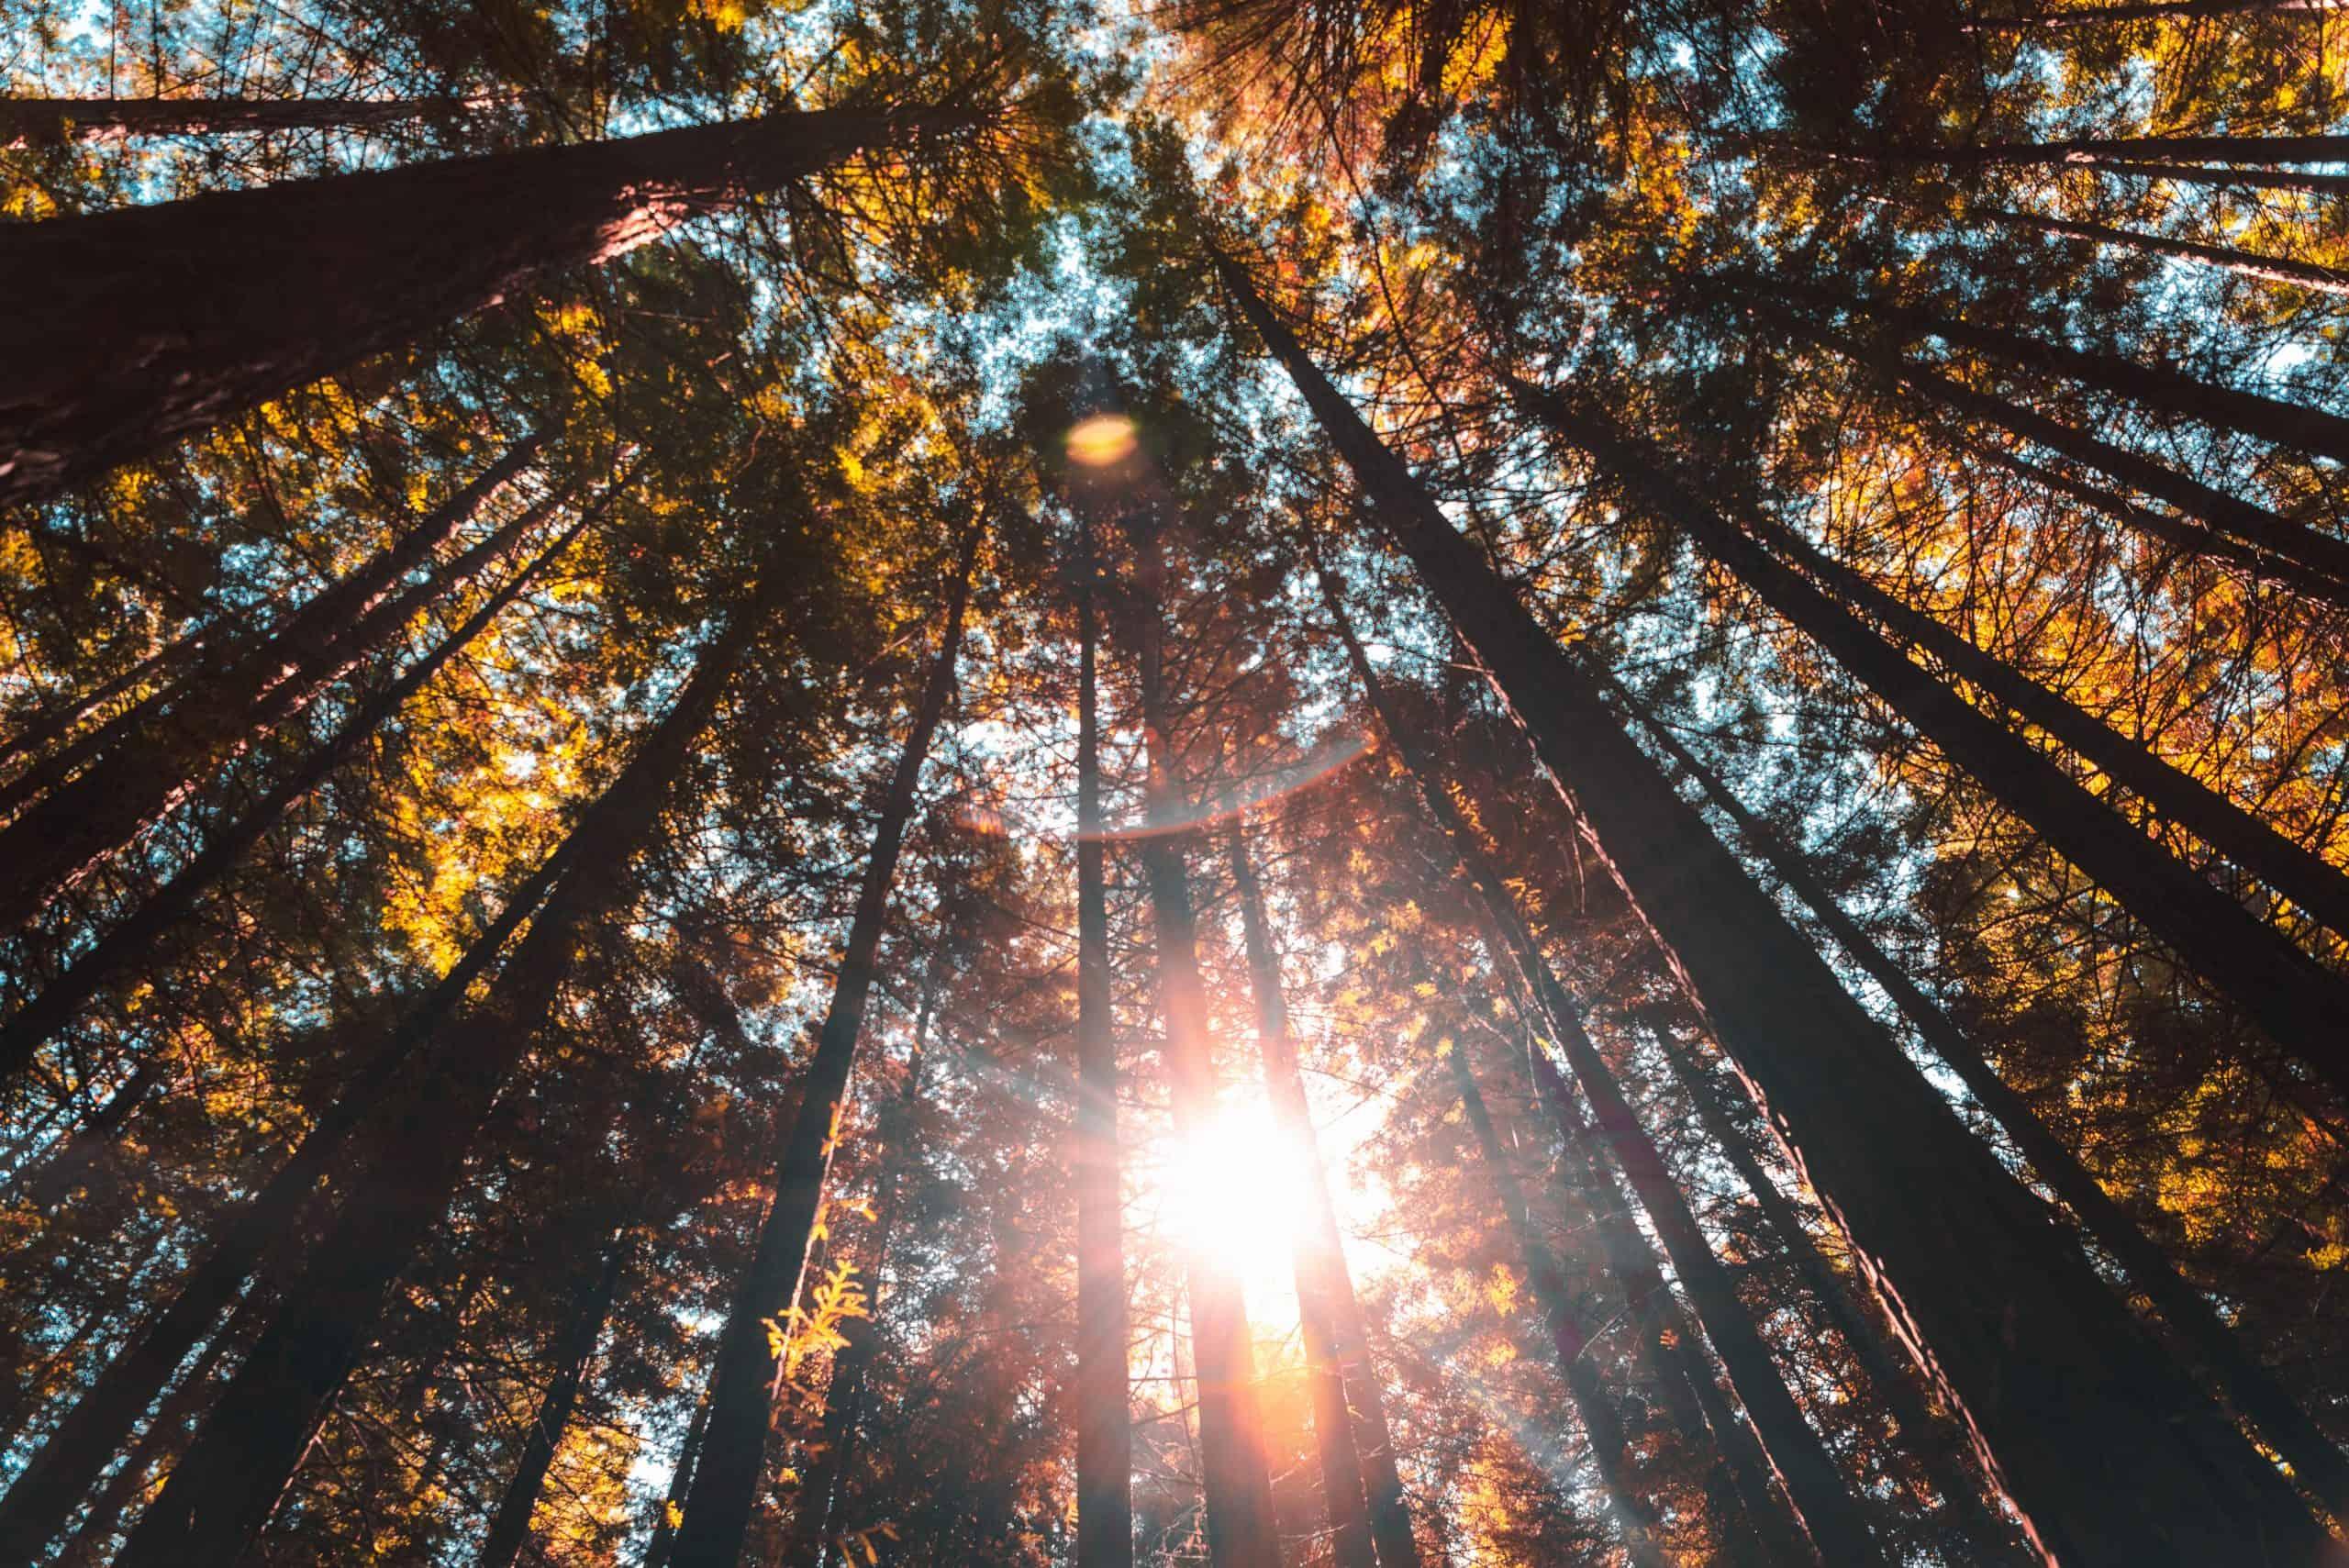 mestrado em ciências florestais meio ambiente epos alemanha